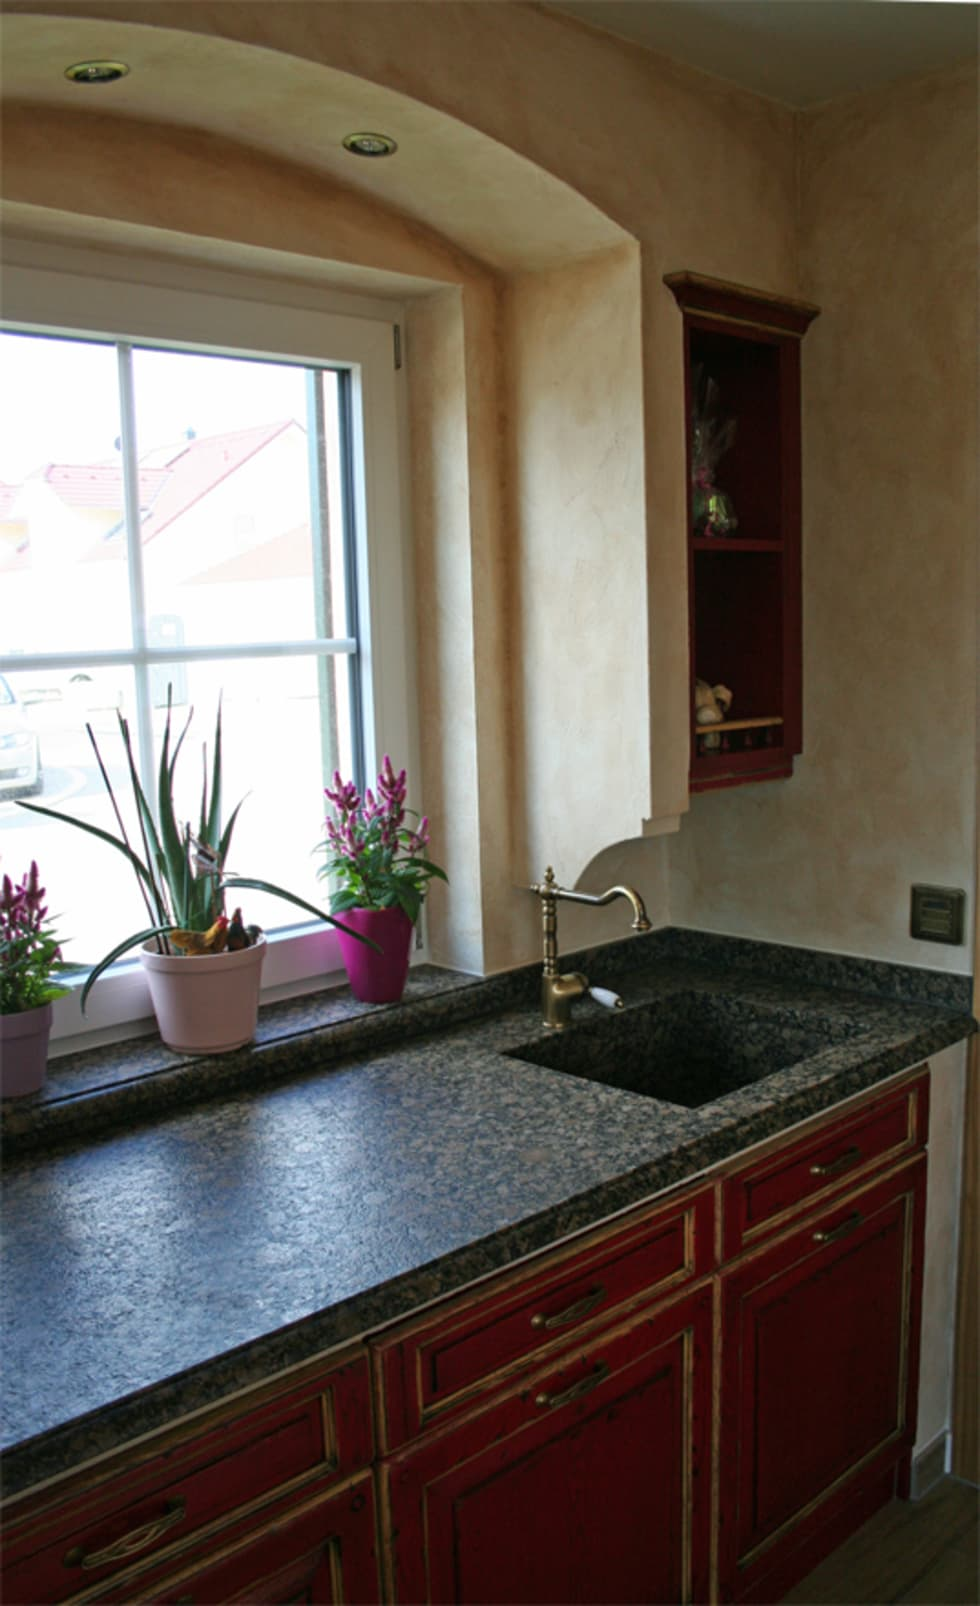 Außergewöhnlich Küche Mediterran Referenz Von Villa Medici Mediterrane Küche Nizza Eiche Rot